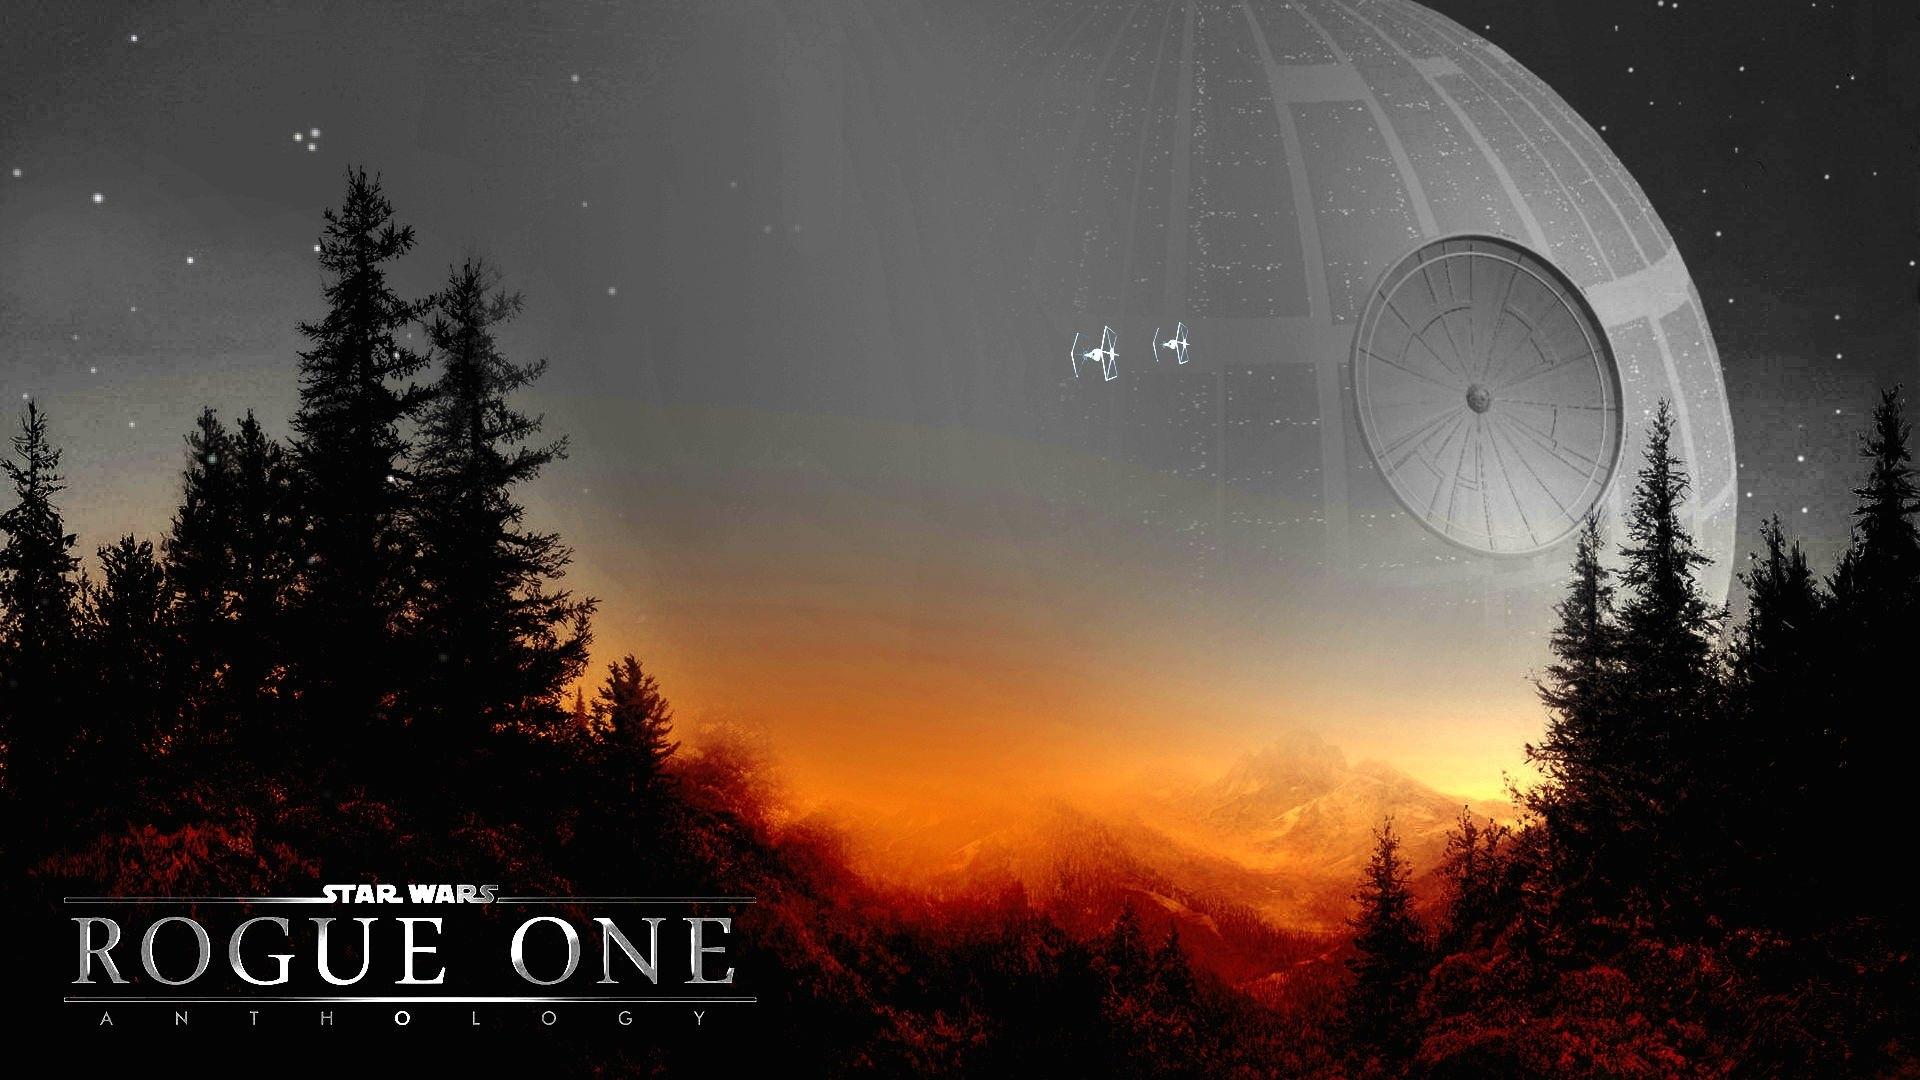 d'écran star wars rogue one